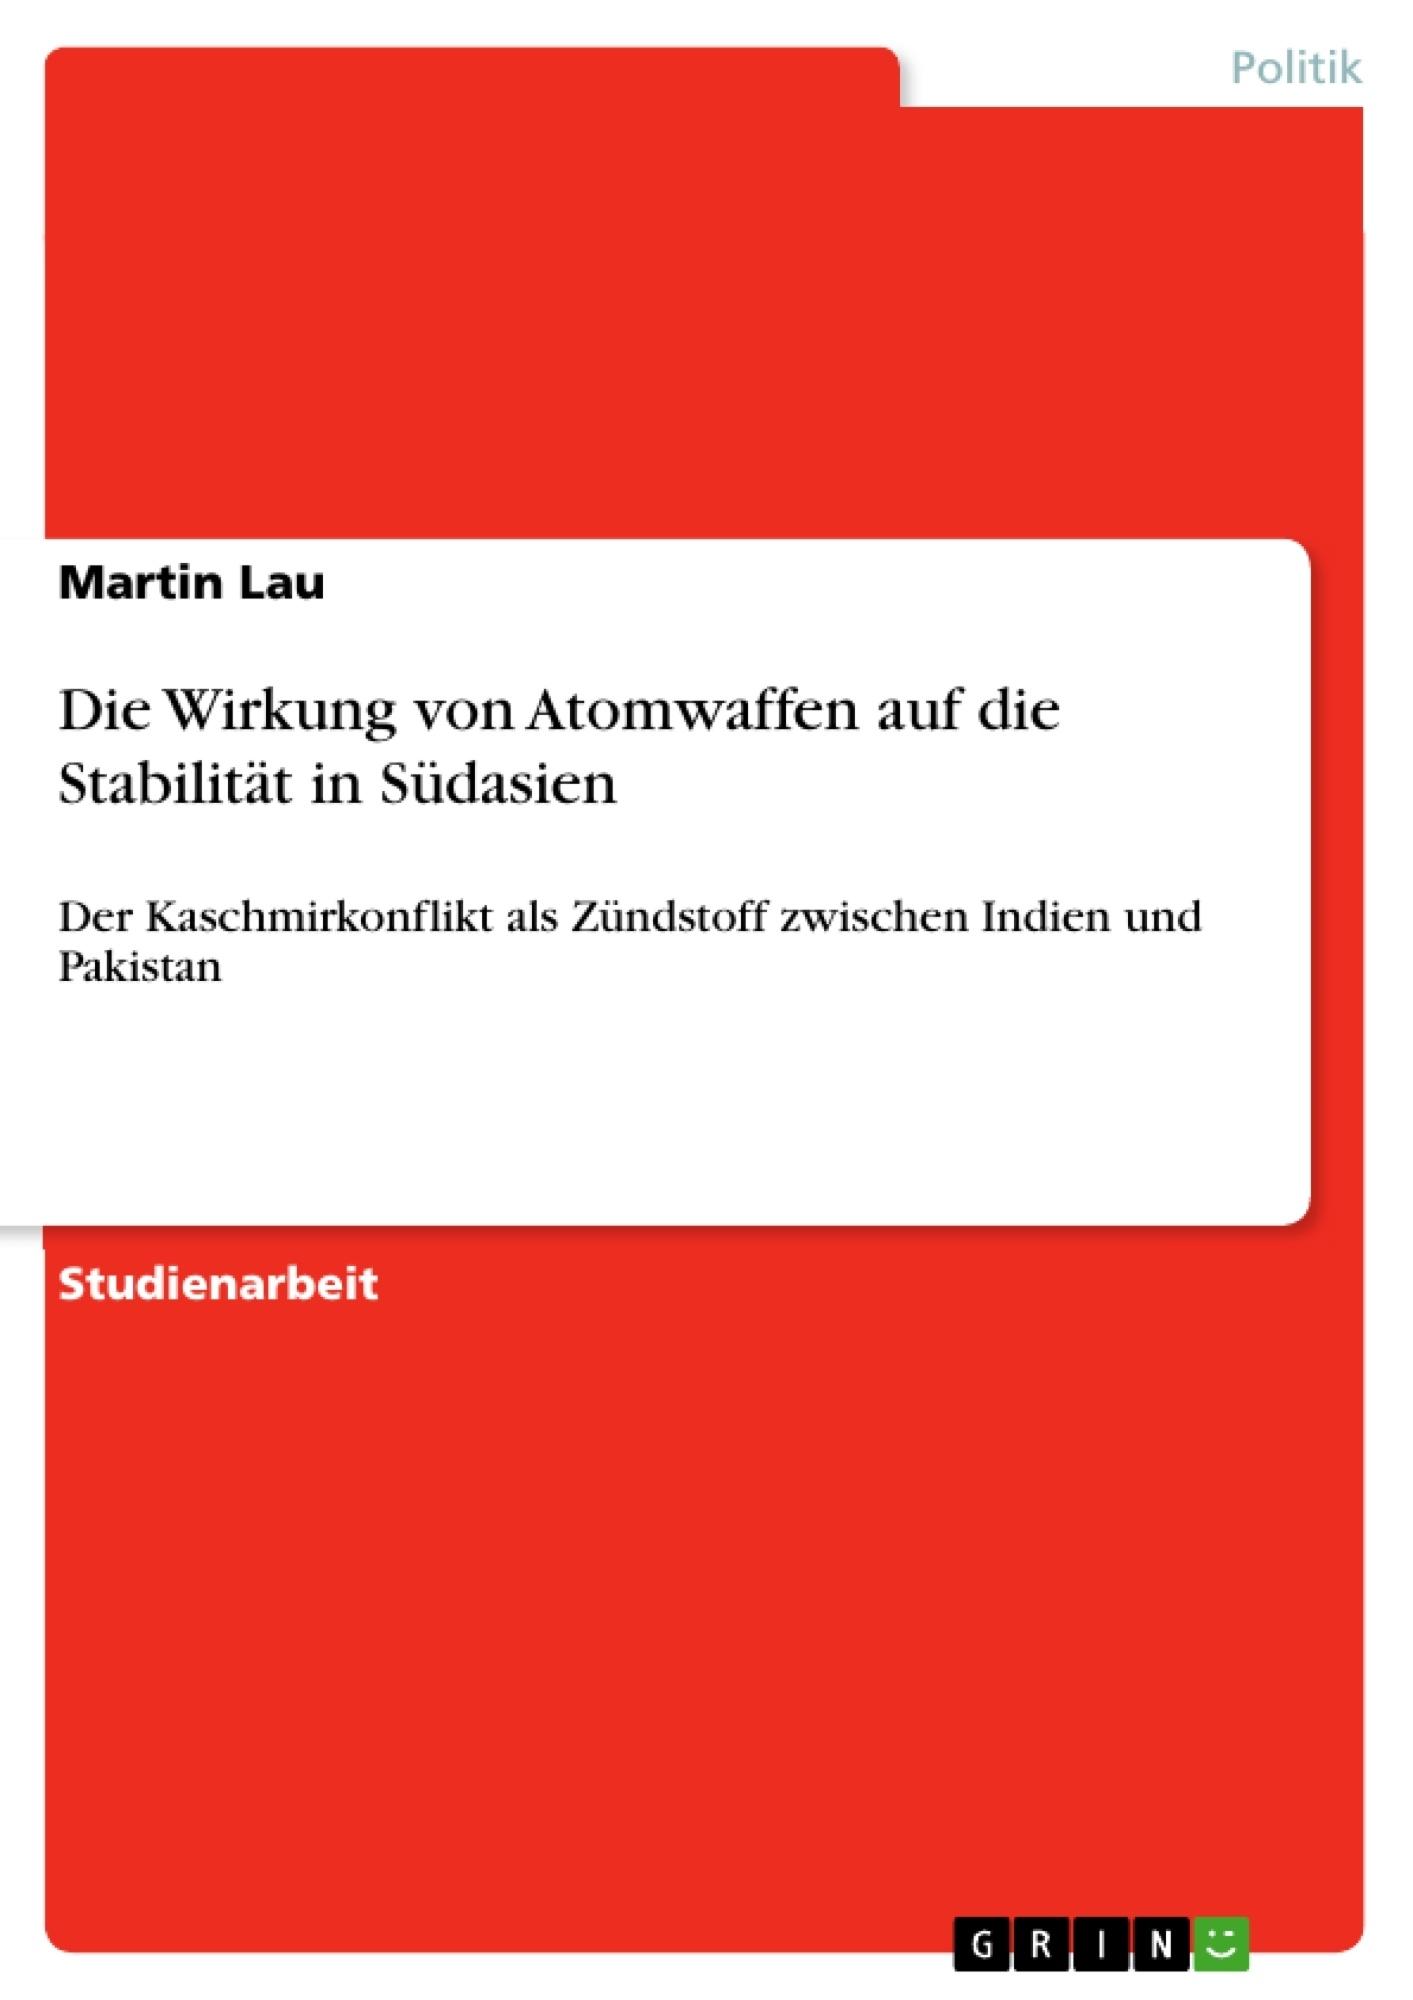 Titel: Die Wirkung von Atomwaffen auf die Stabilität in Südasien